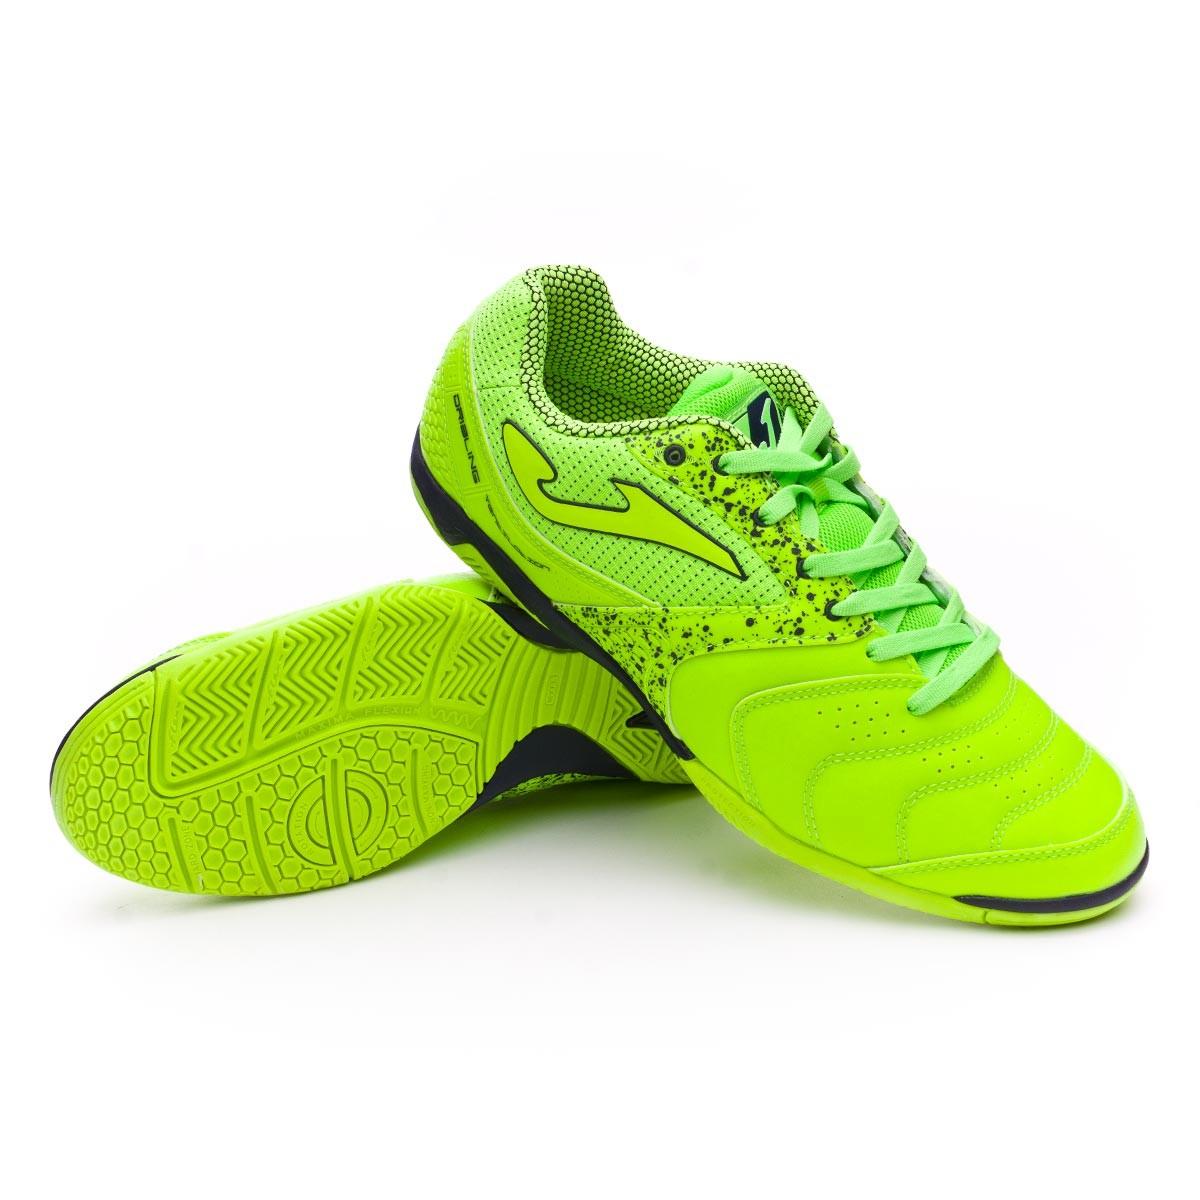 Zapatillas de fútbol sala Joma Dribling - Soloporteros es ahora ... 8f6479964bc98